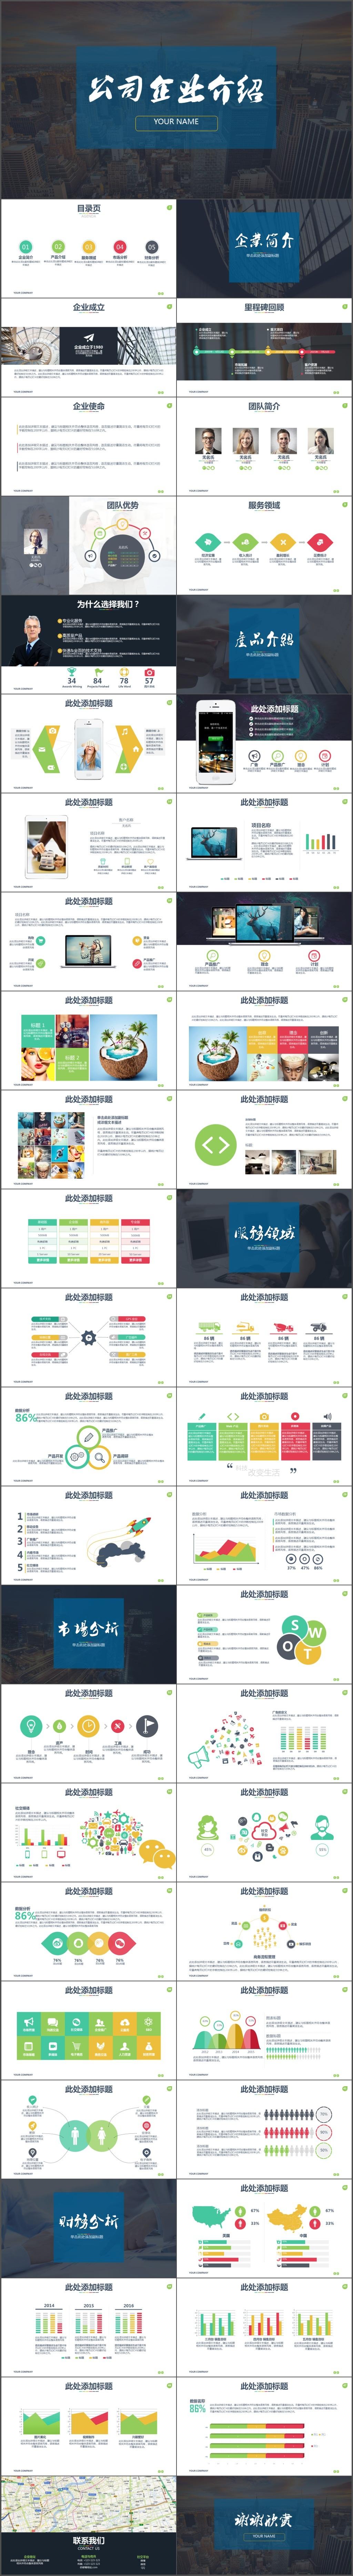 简约大气公司介绍企业宣传品牌推广PPT模板(536)